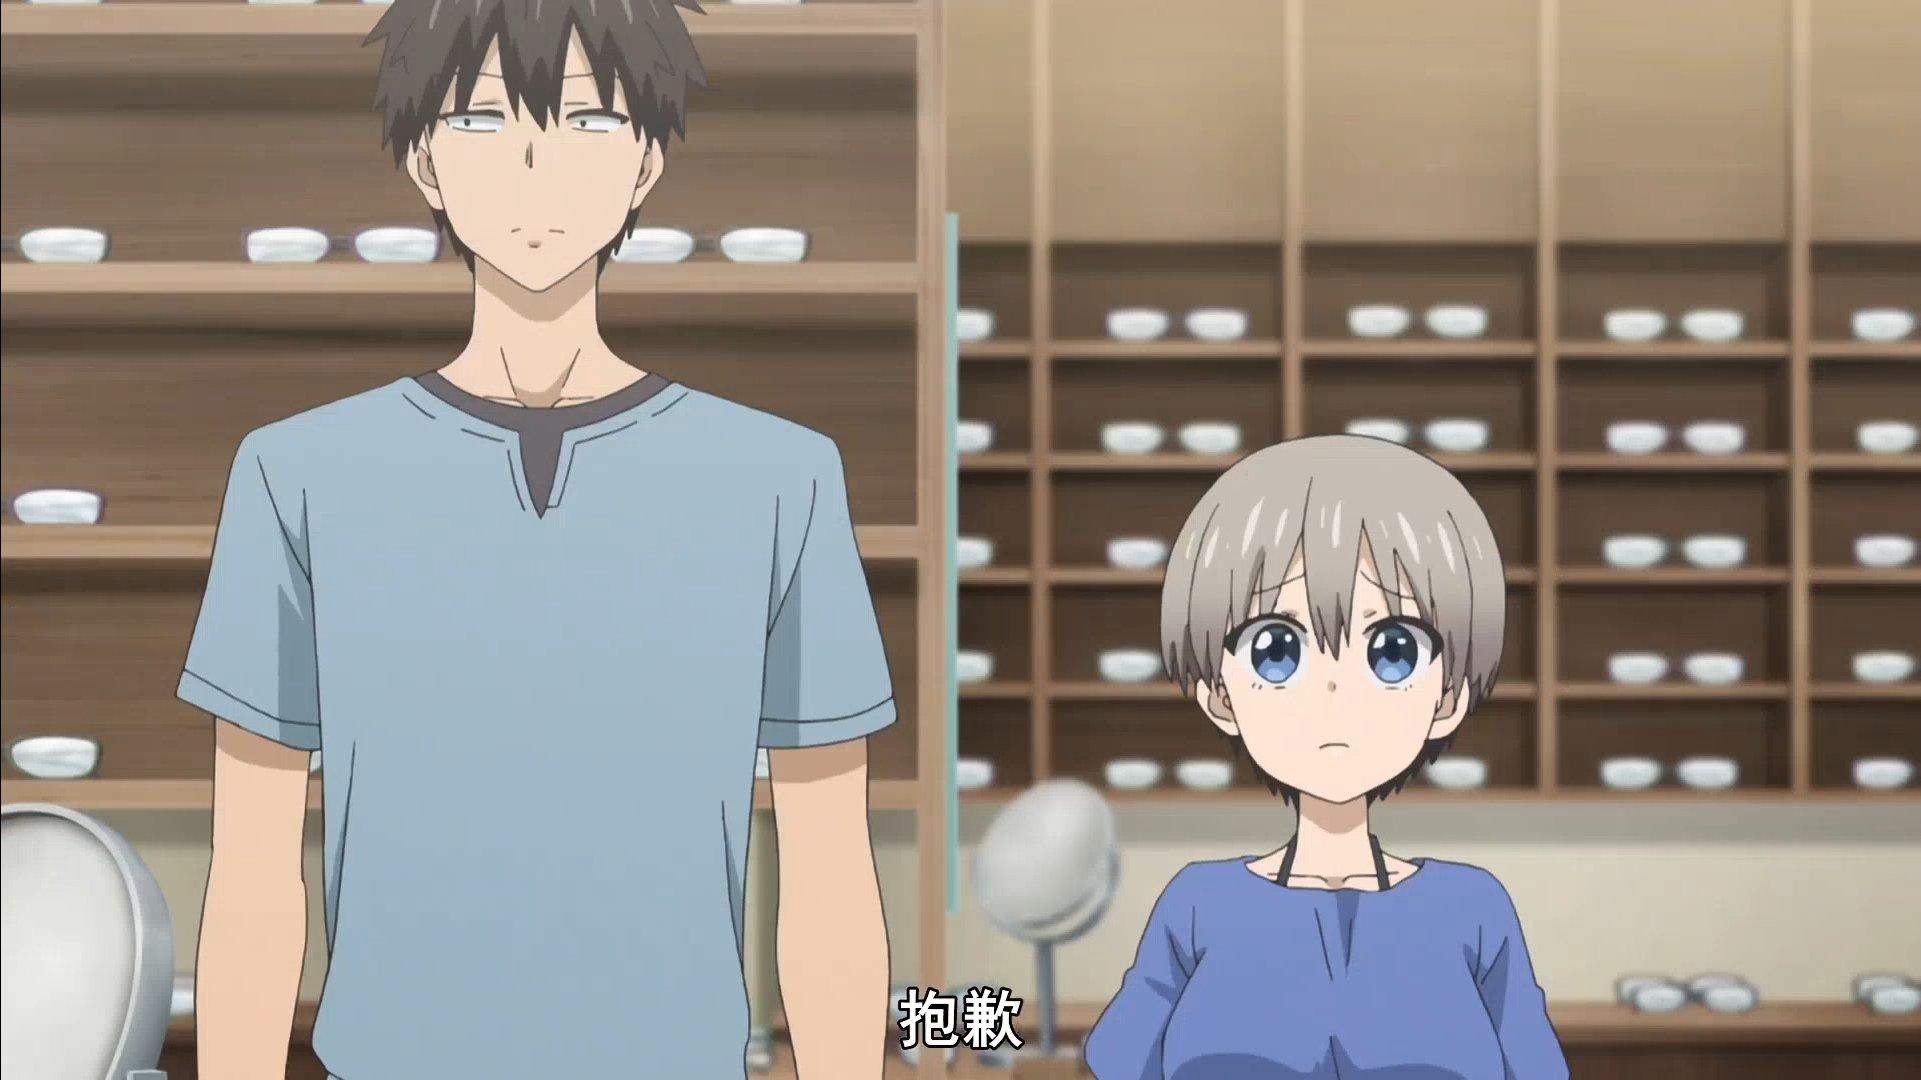 【动漫】《宇崎酱想要玩耍!》第4话(1080P)